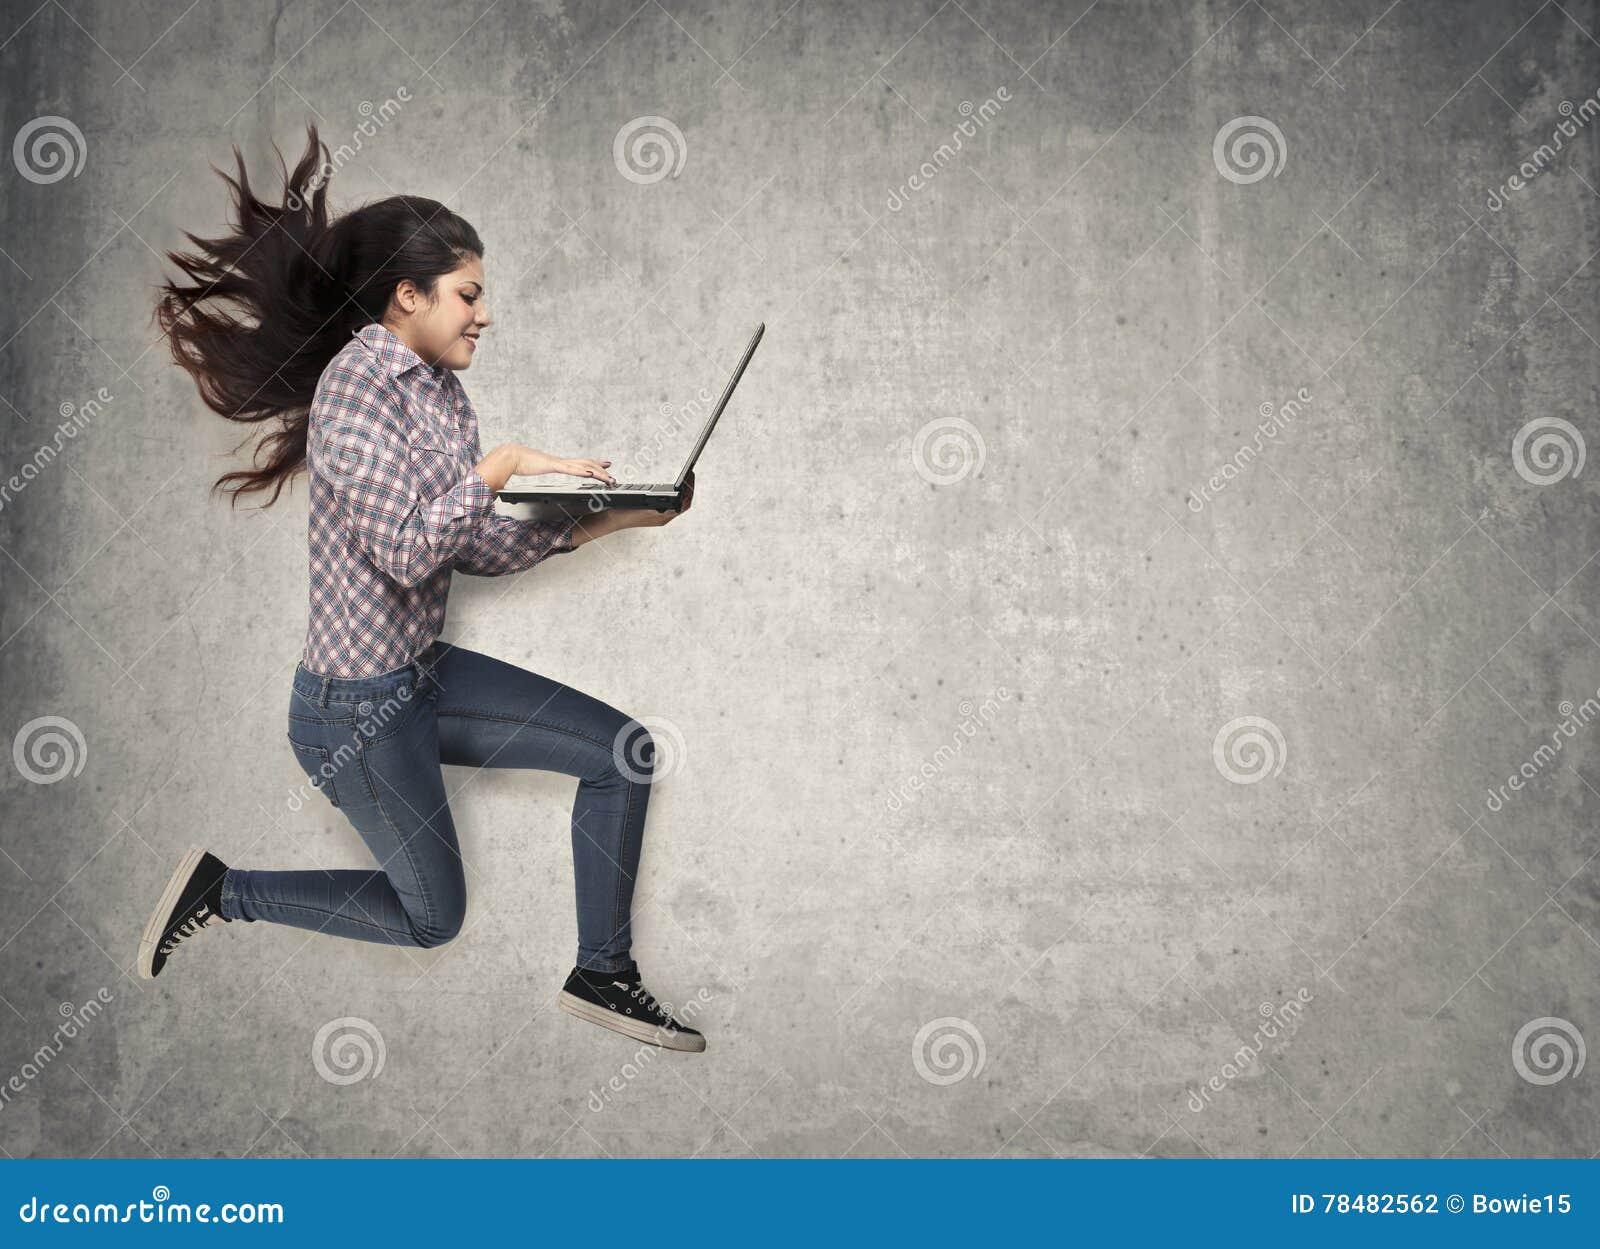 Skakać z laptopem